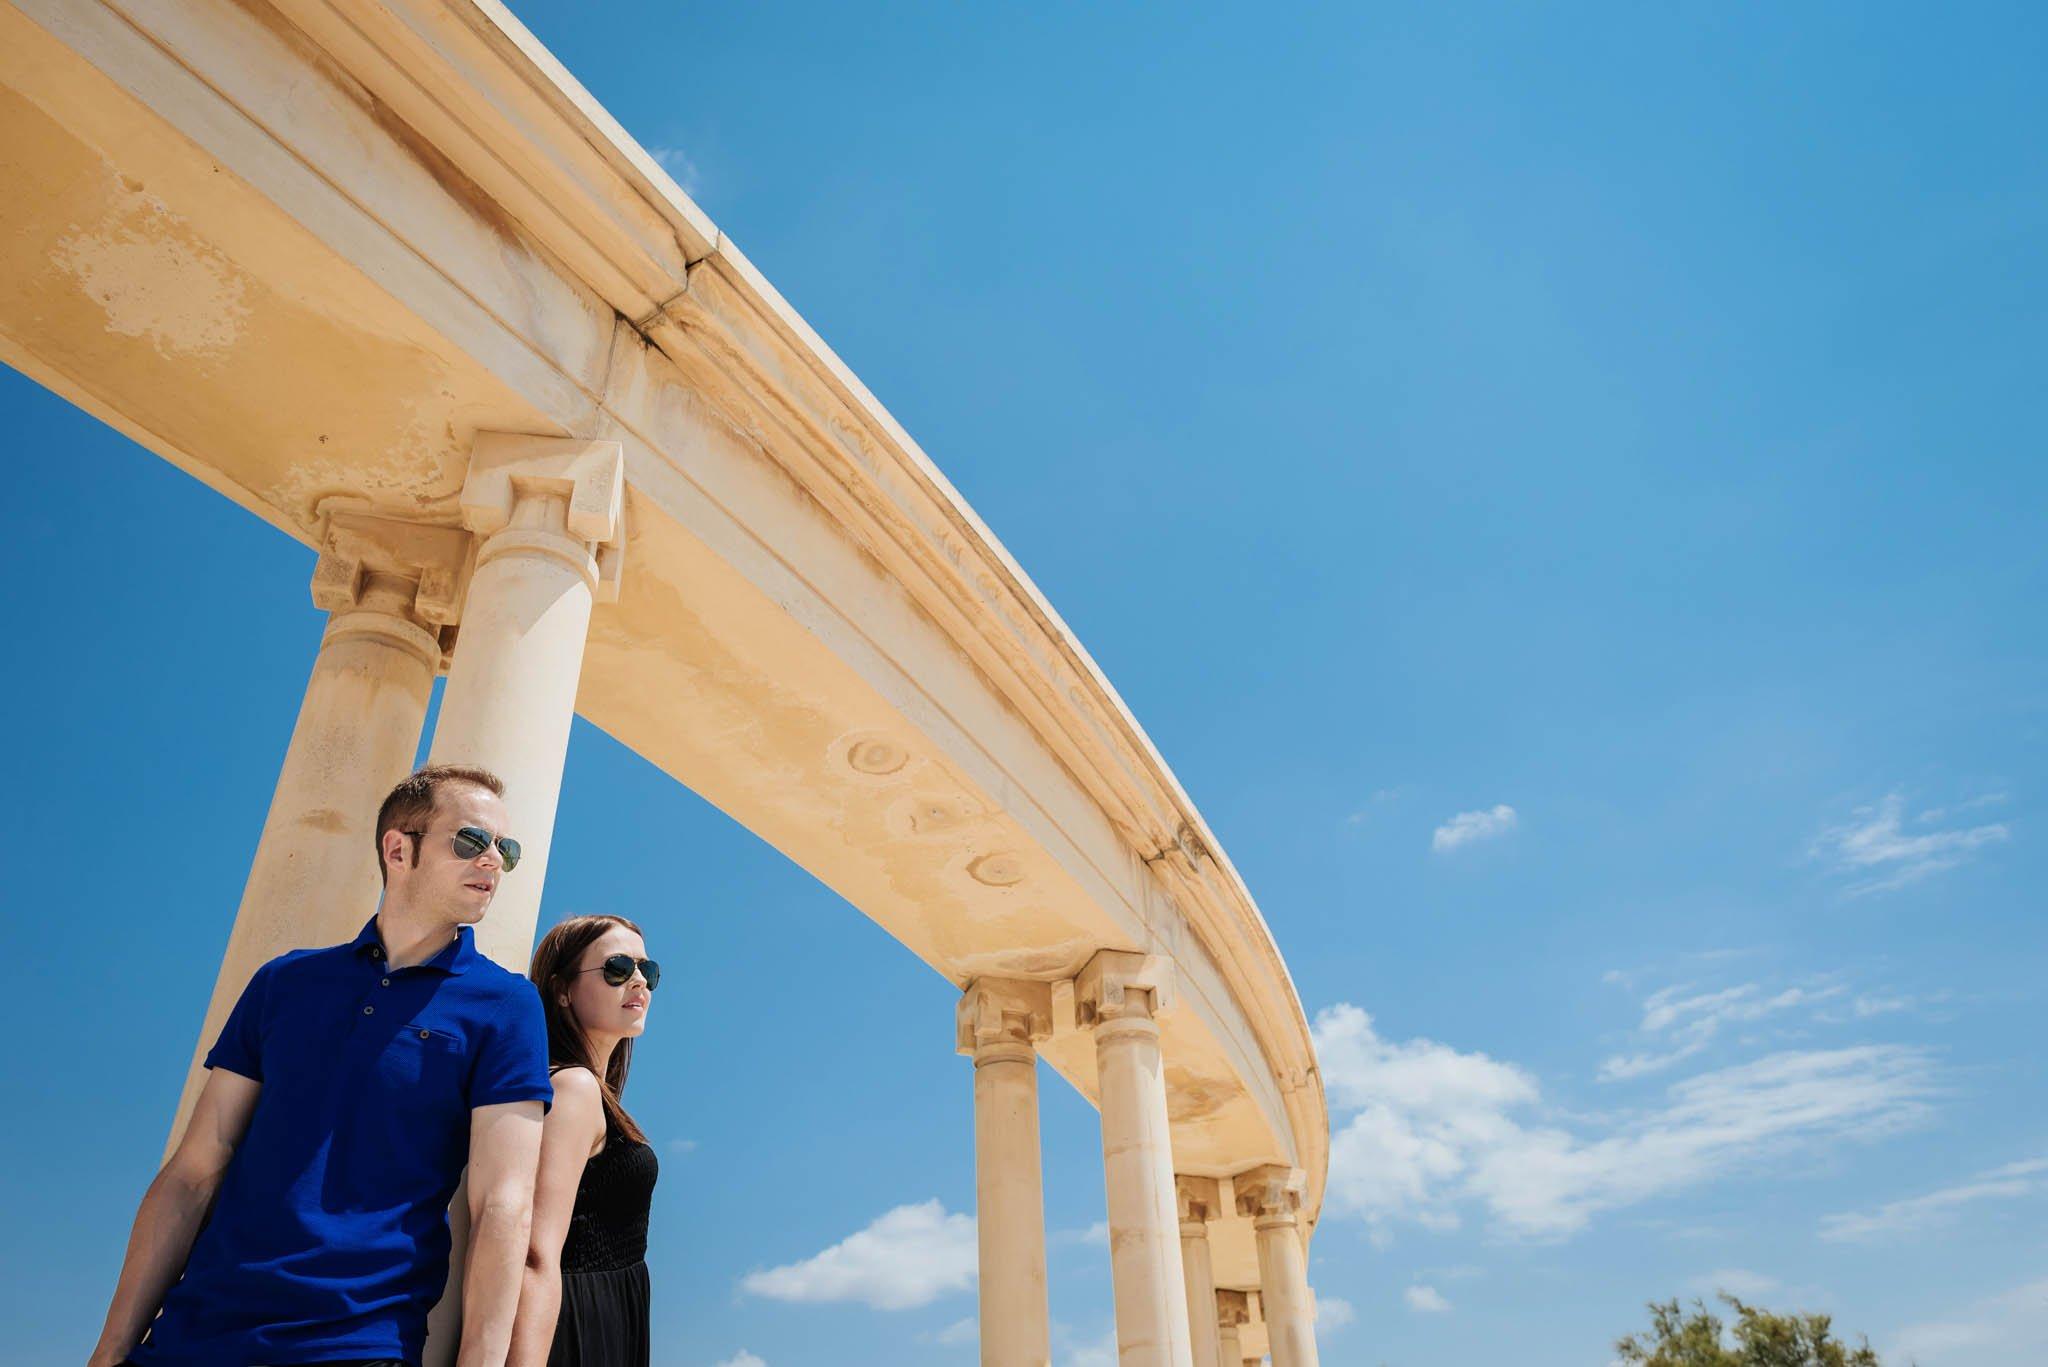 destination-wedding-photography-spain-palma-de-mallorca (137)